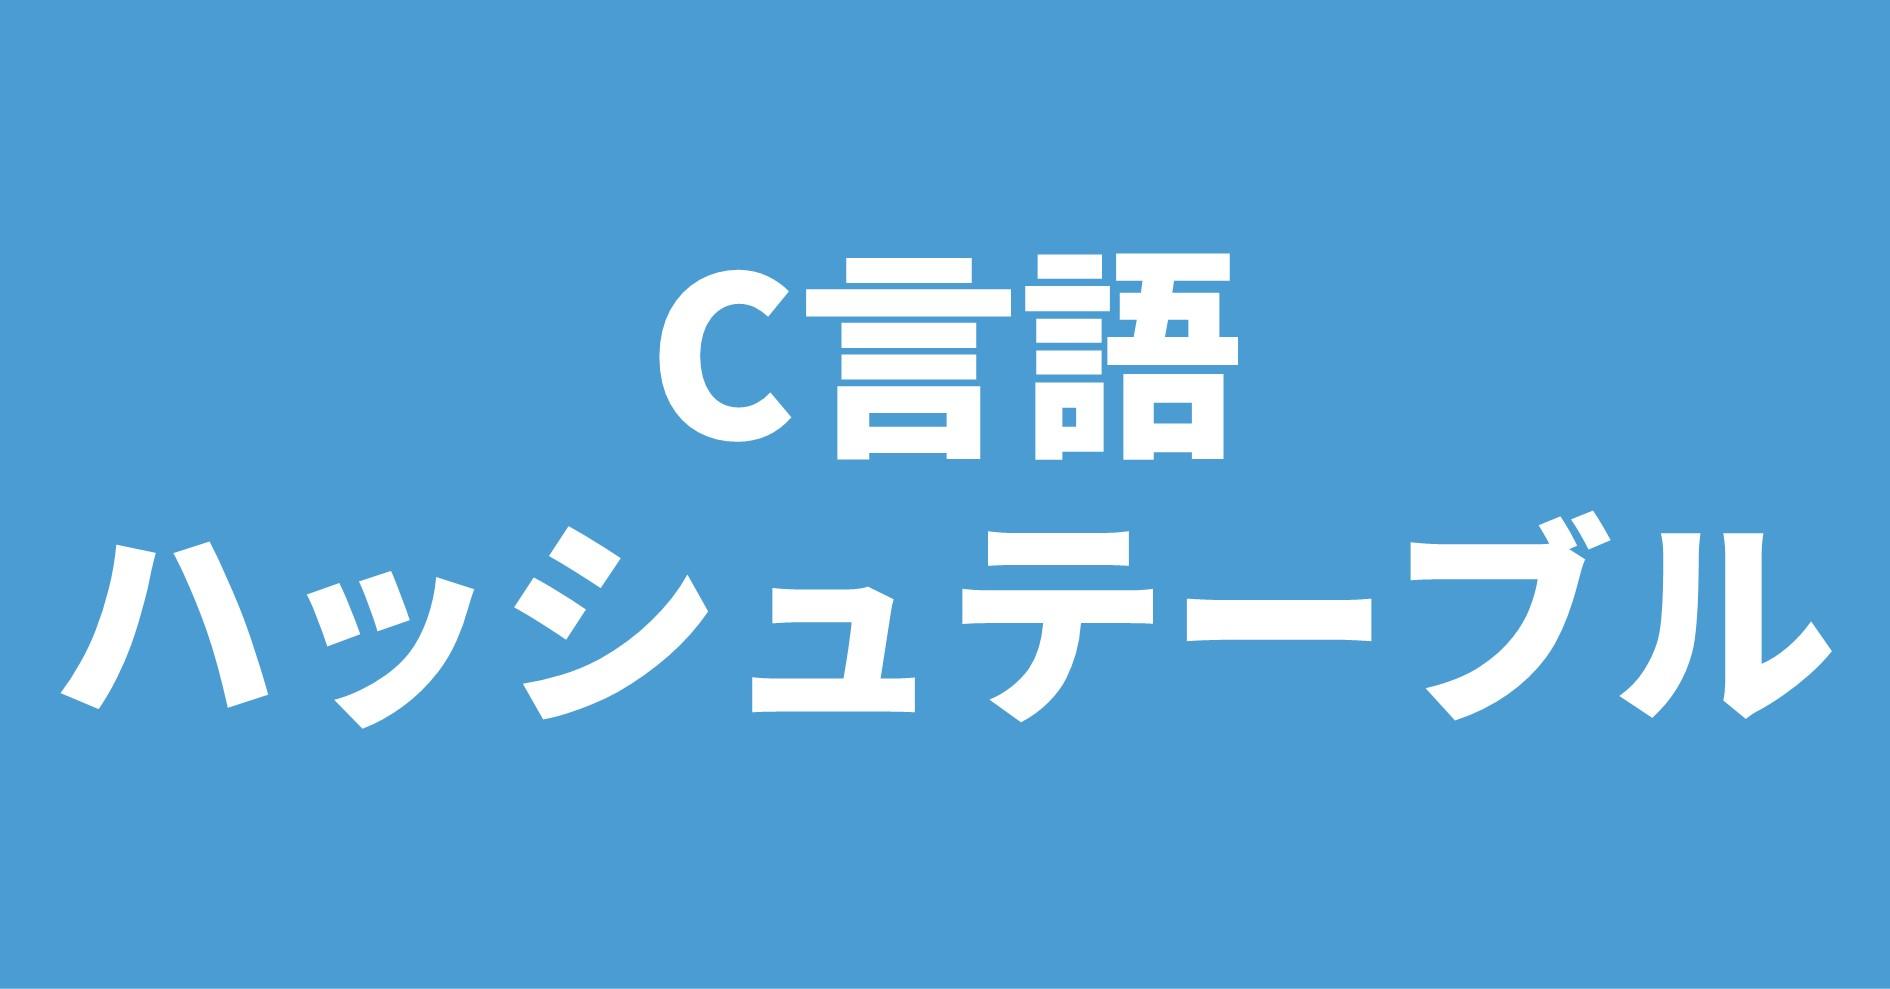 C言語 ハッシュテーブル